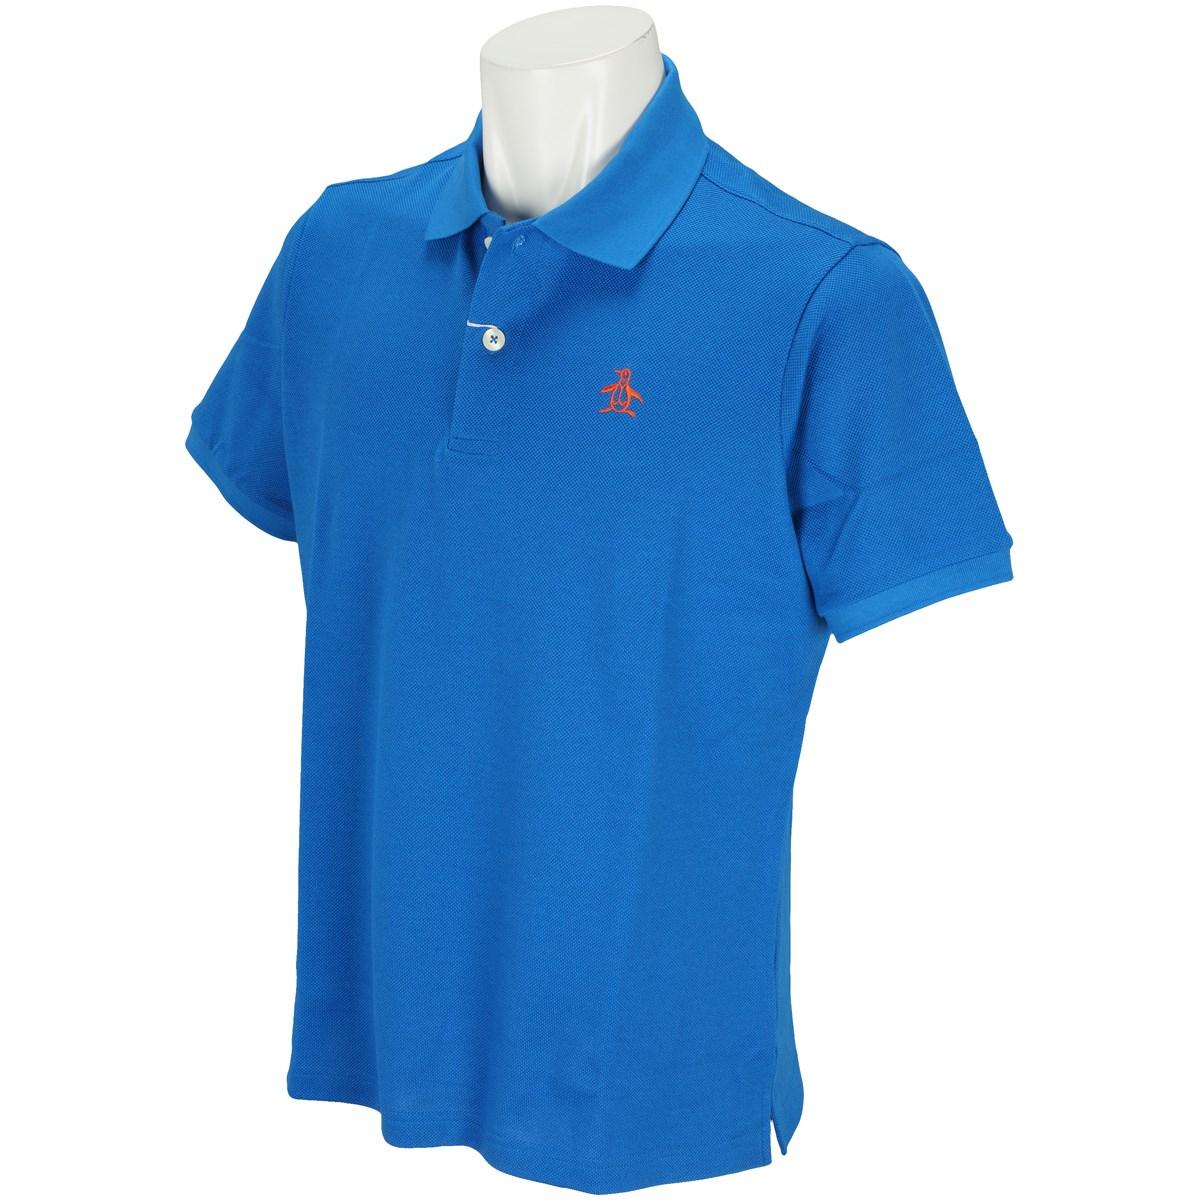 マンシングウェア Munsingwear ONE THING 半袖ポロシャツ L ロイヤルブルー B357